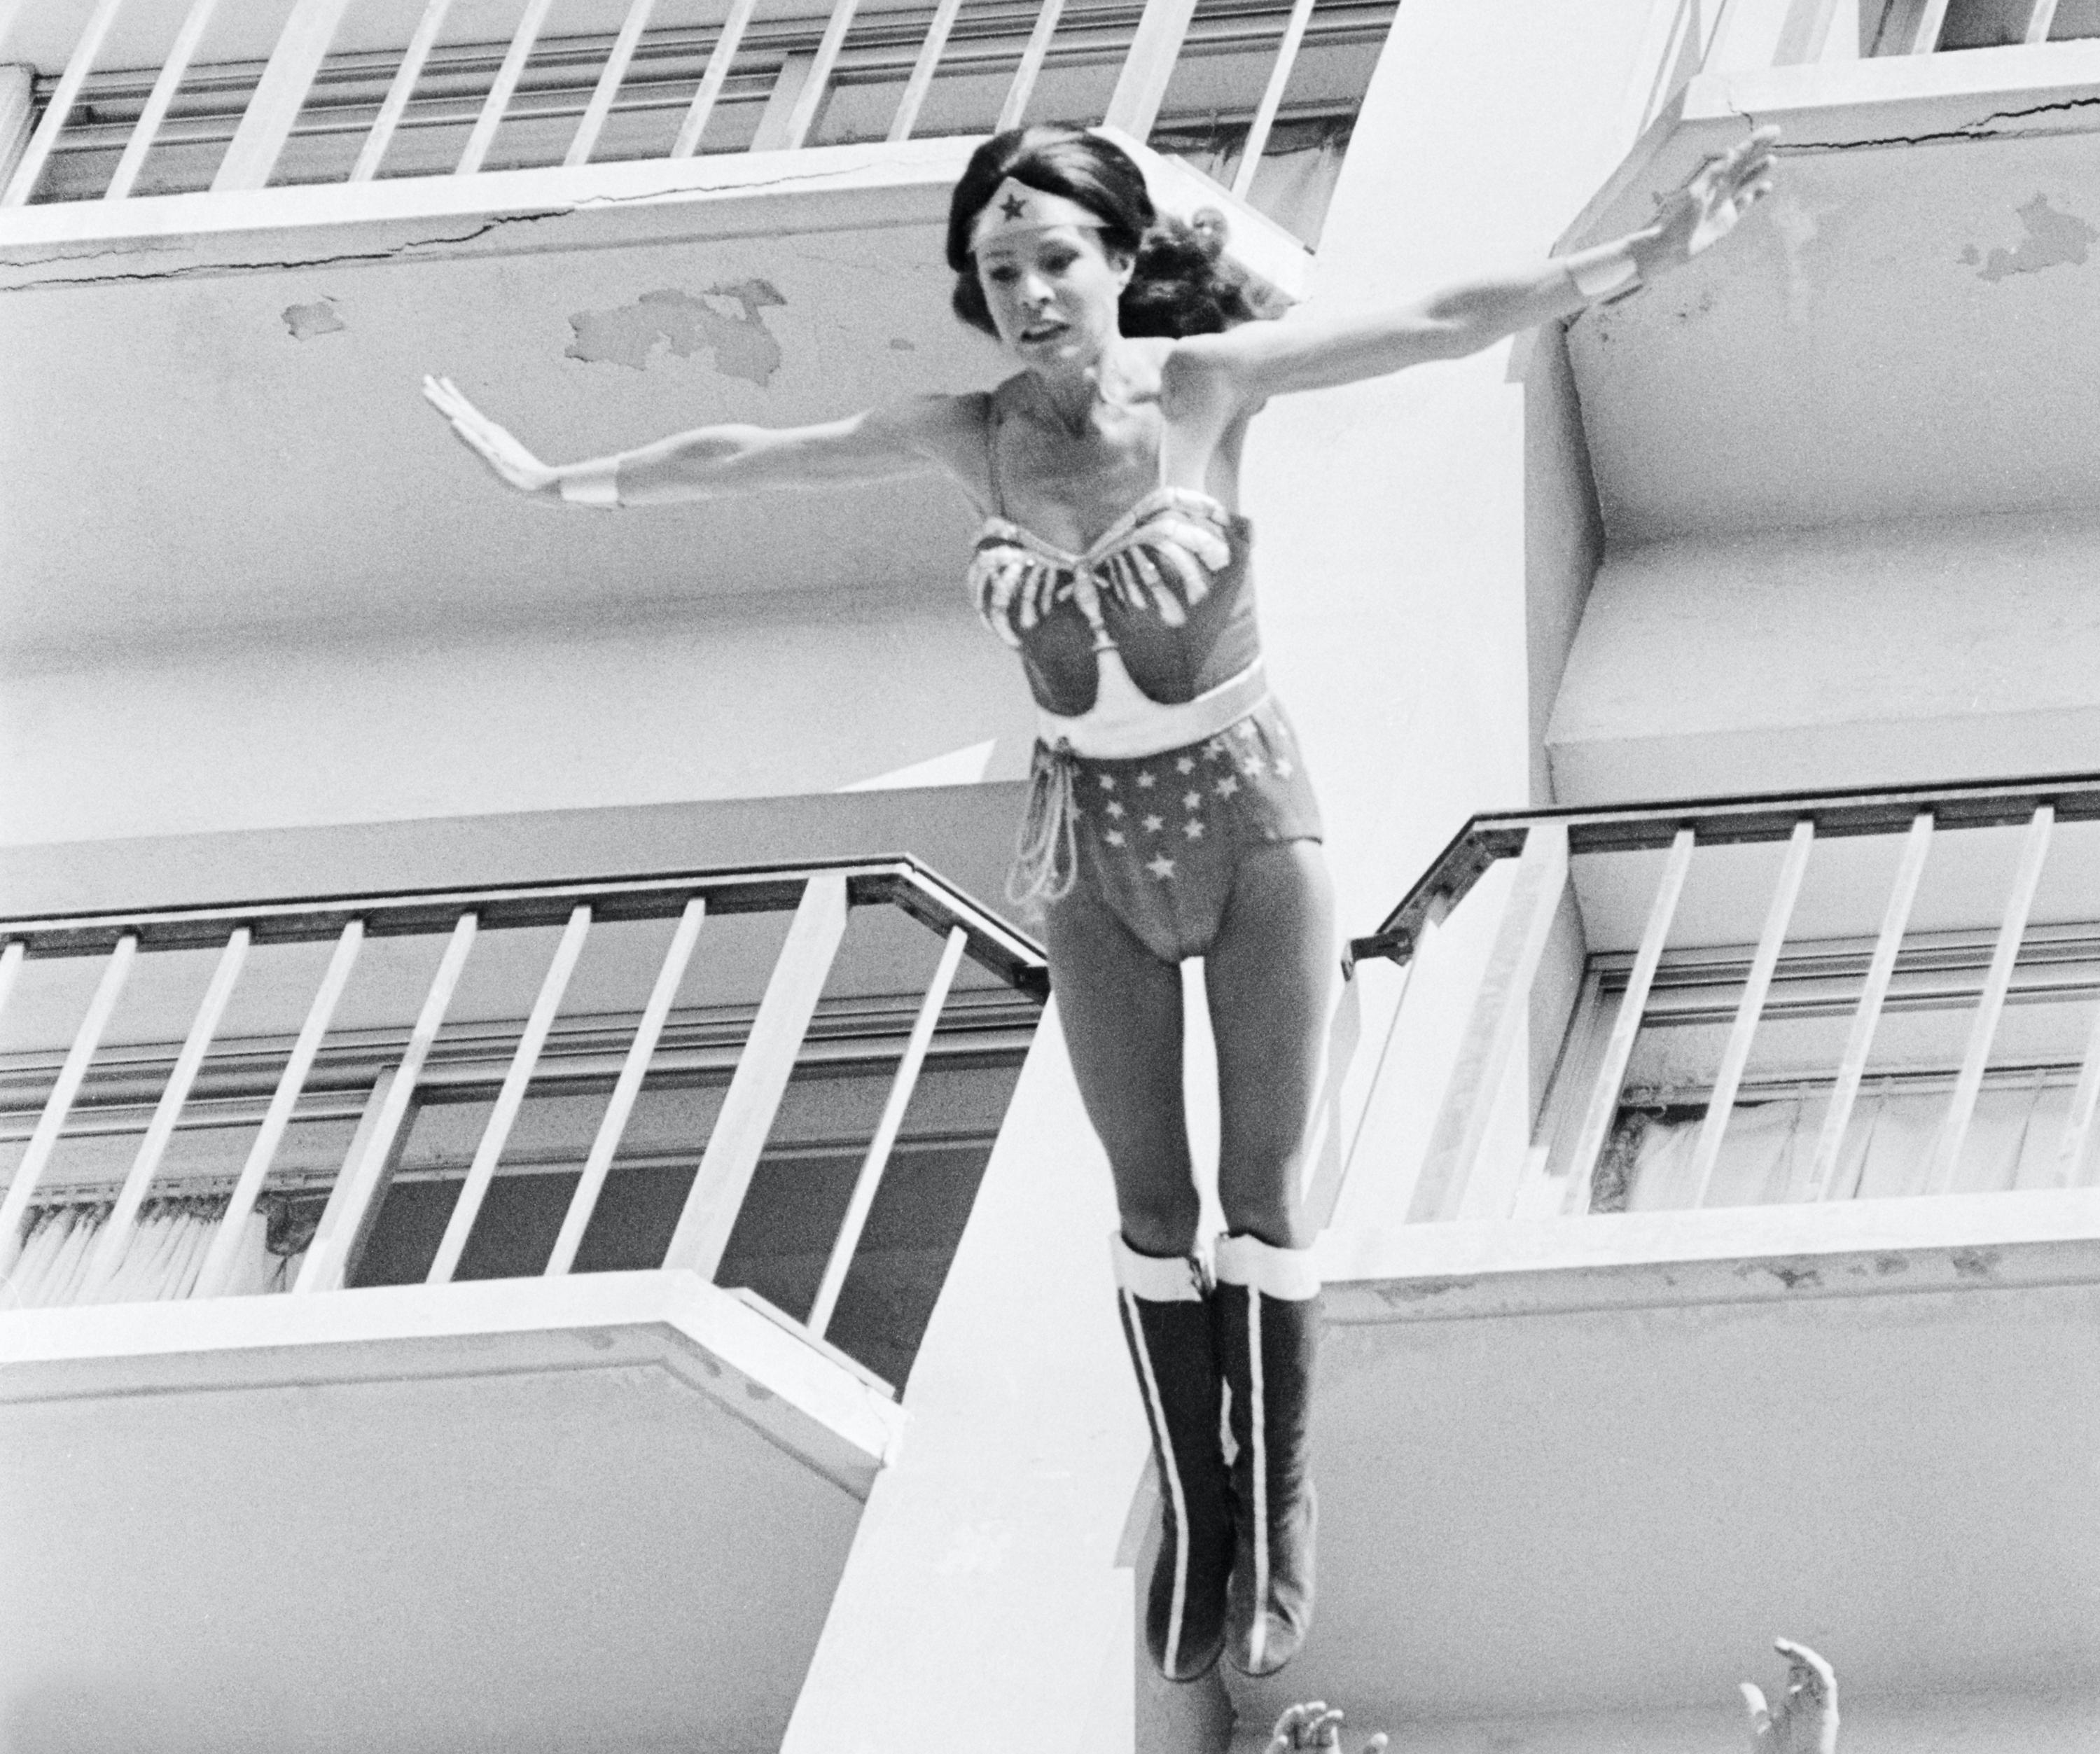 Da Zoe Bell a Debbie Evans: fare la stuntwoman è anche roba da donne